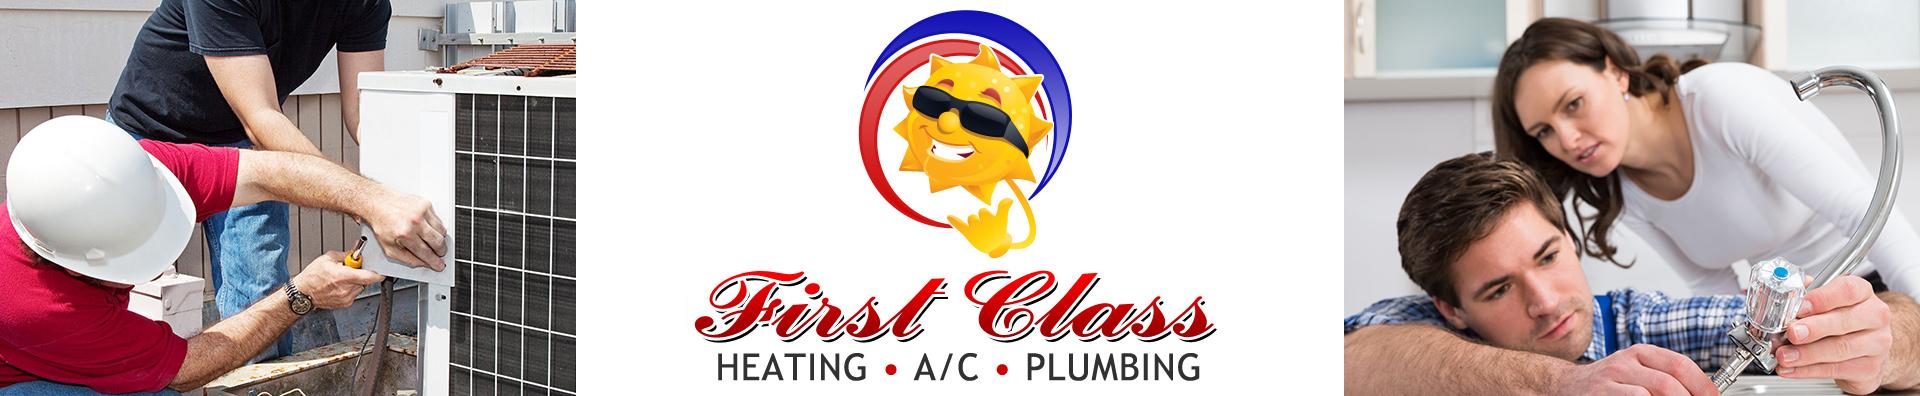 First Class HVAC